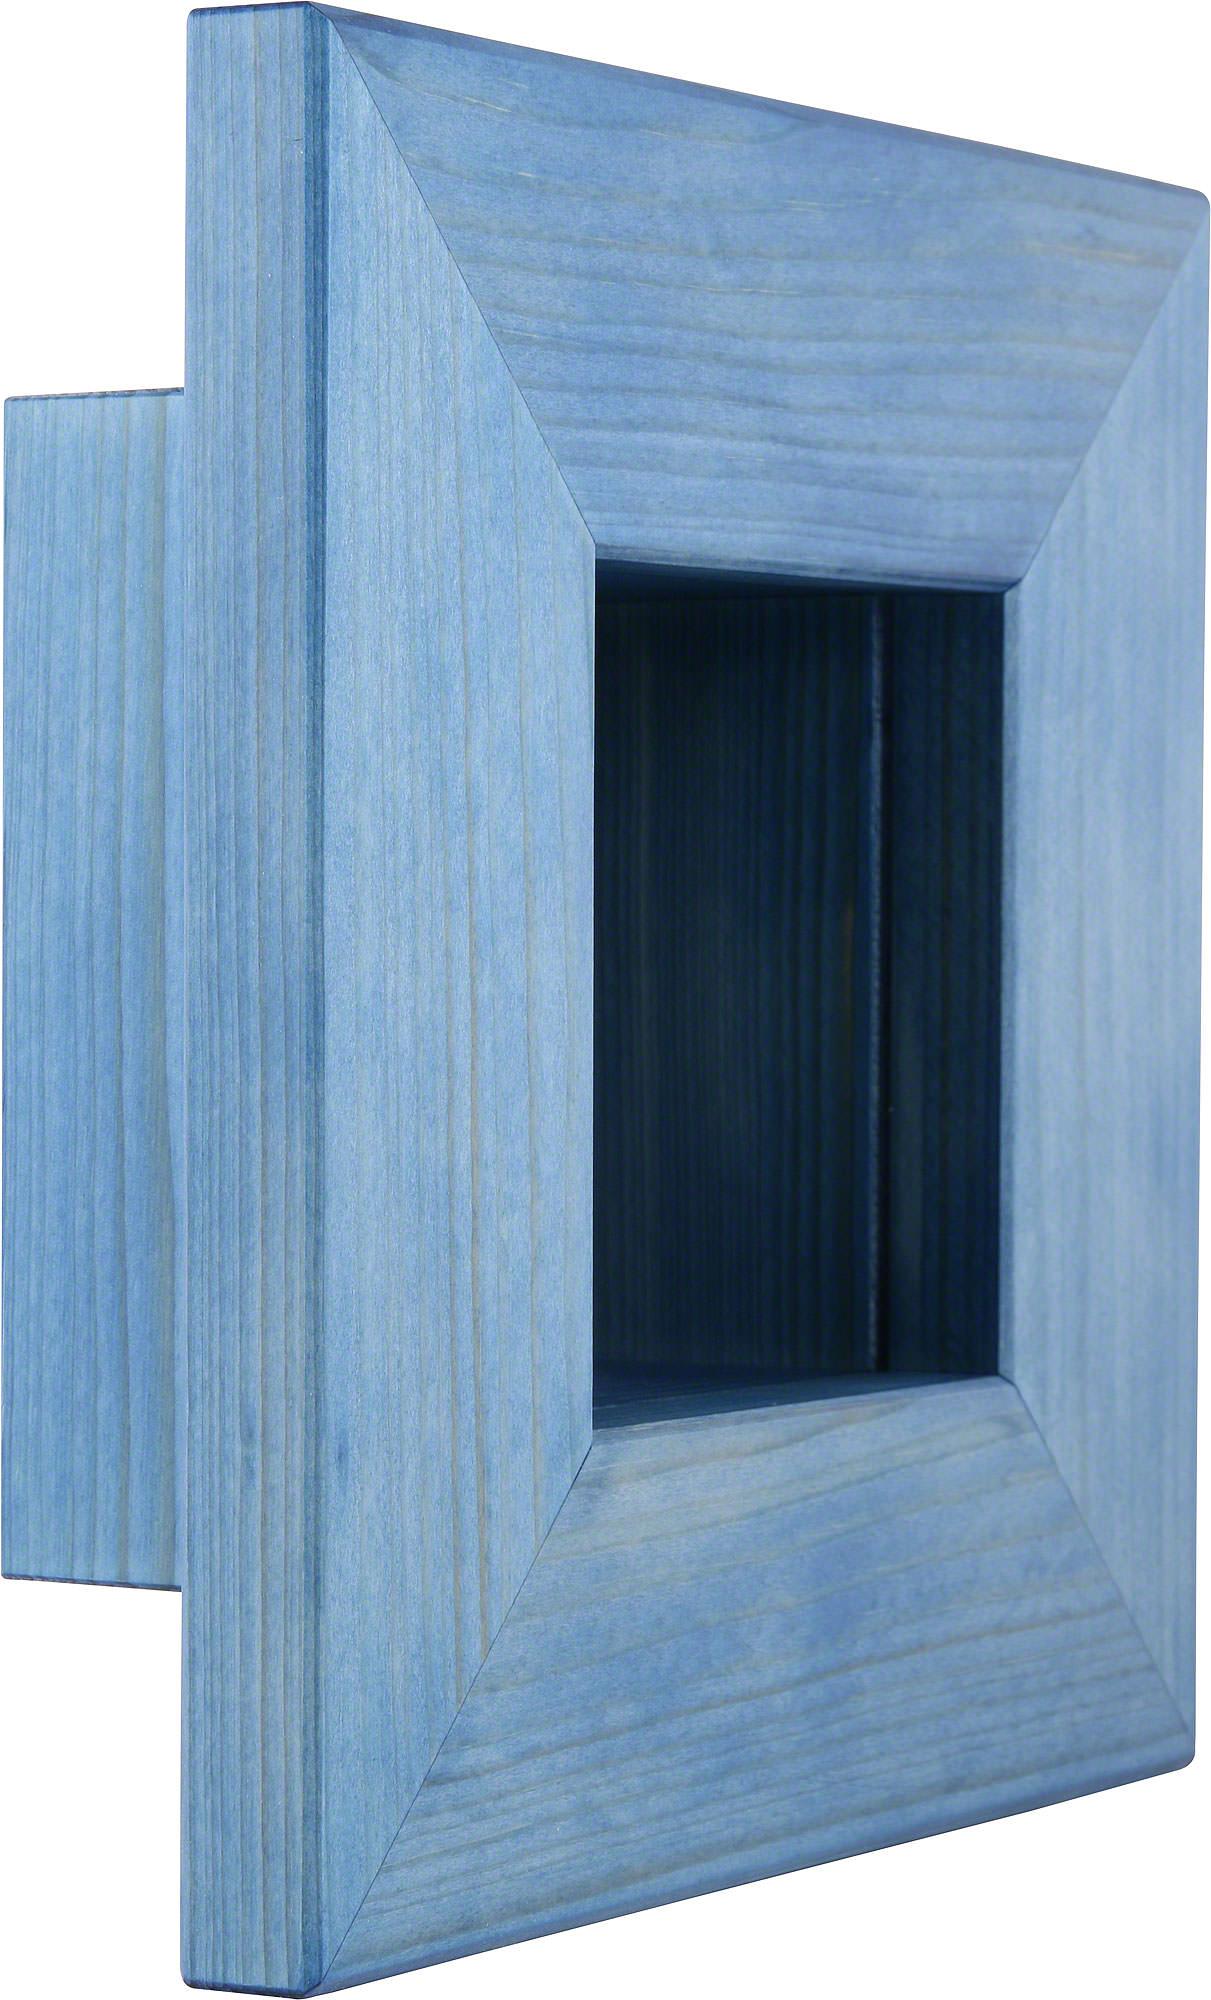 Wandrahmen blau (23×23×8 cm) von Björn Köhler Kunsthandwerk